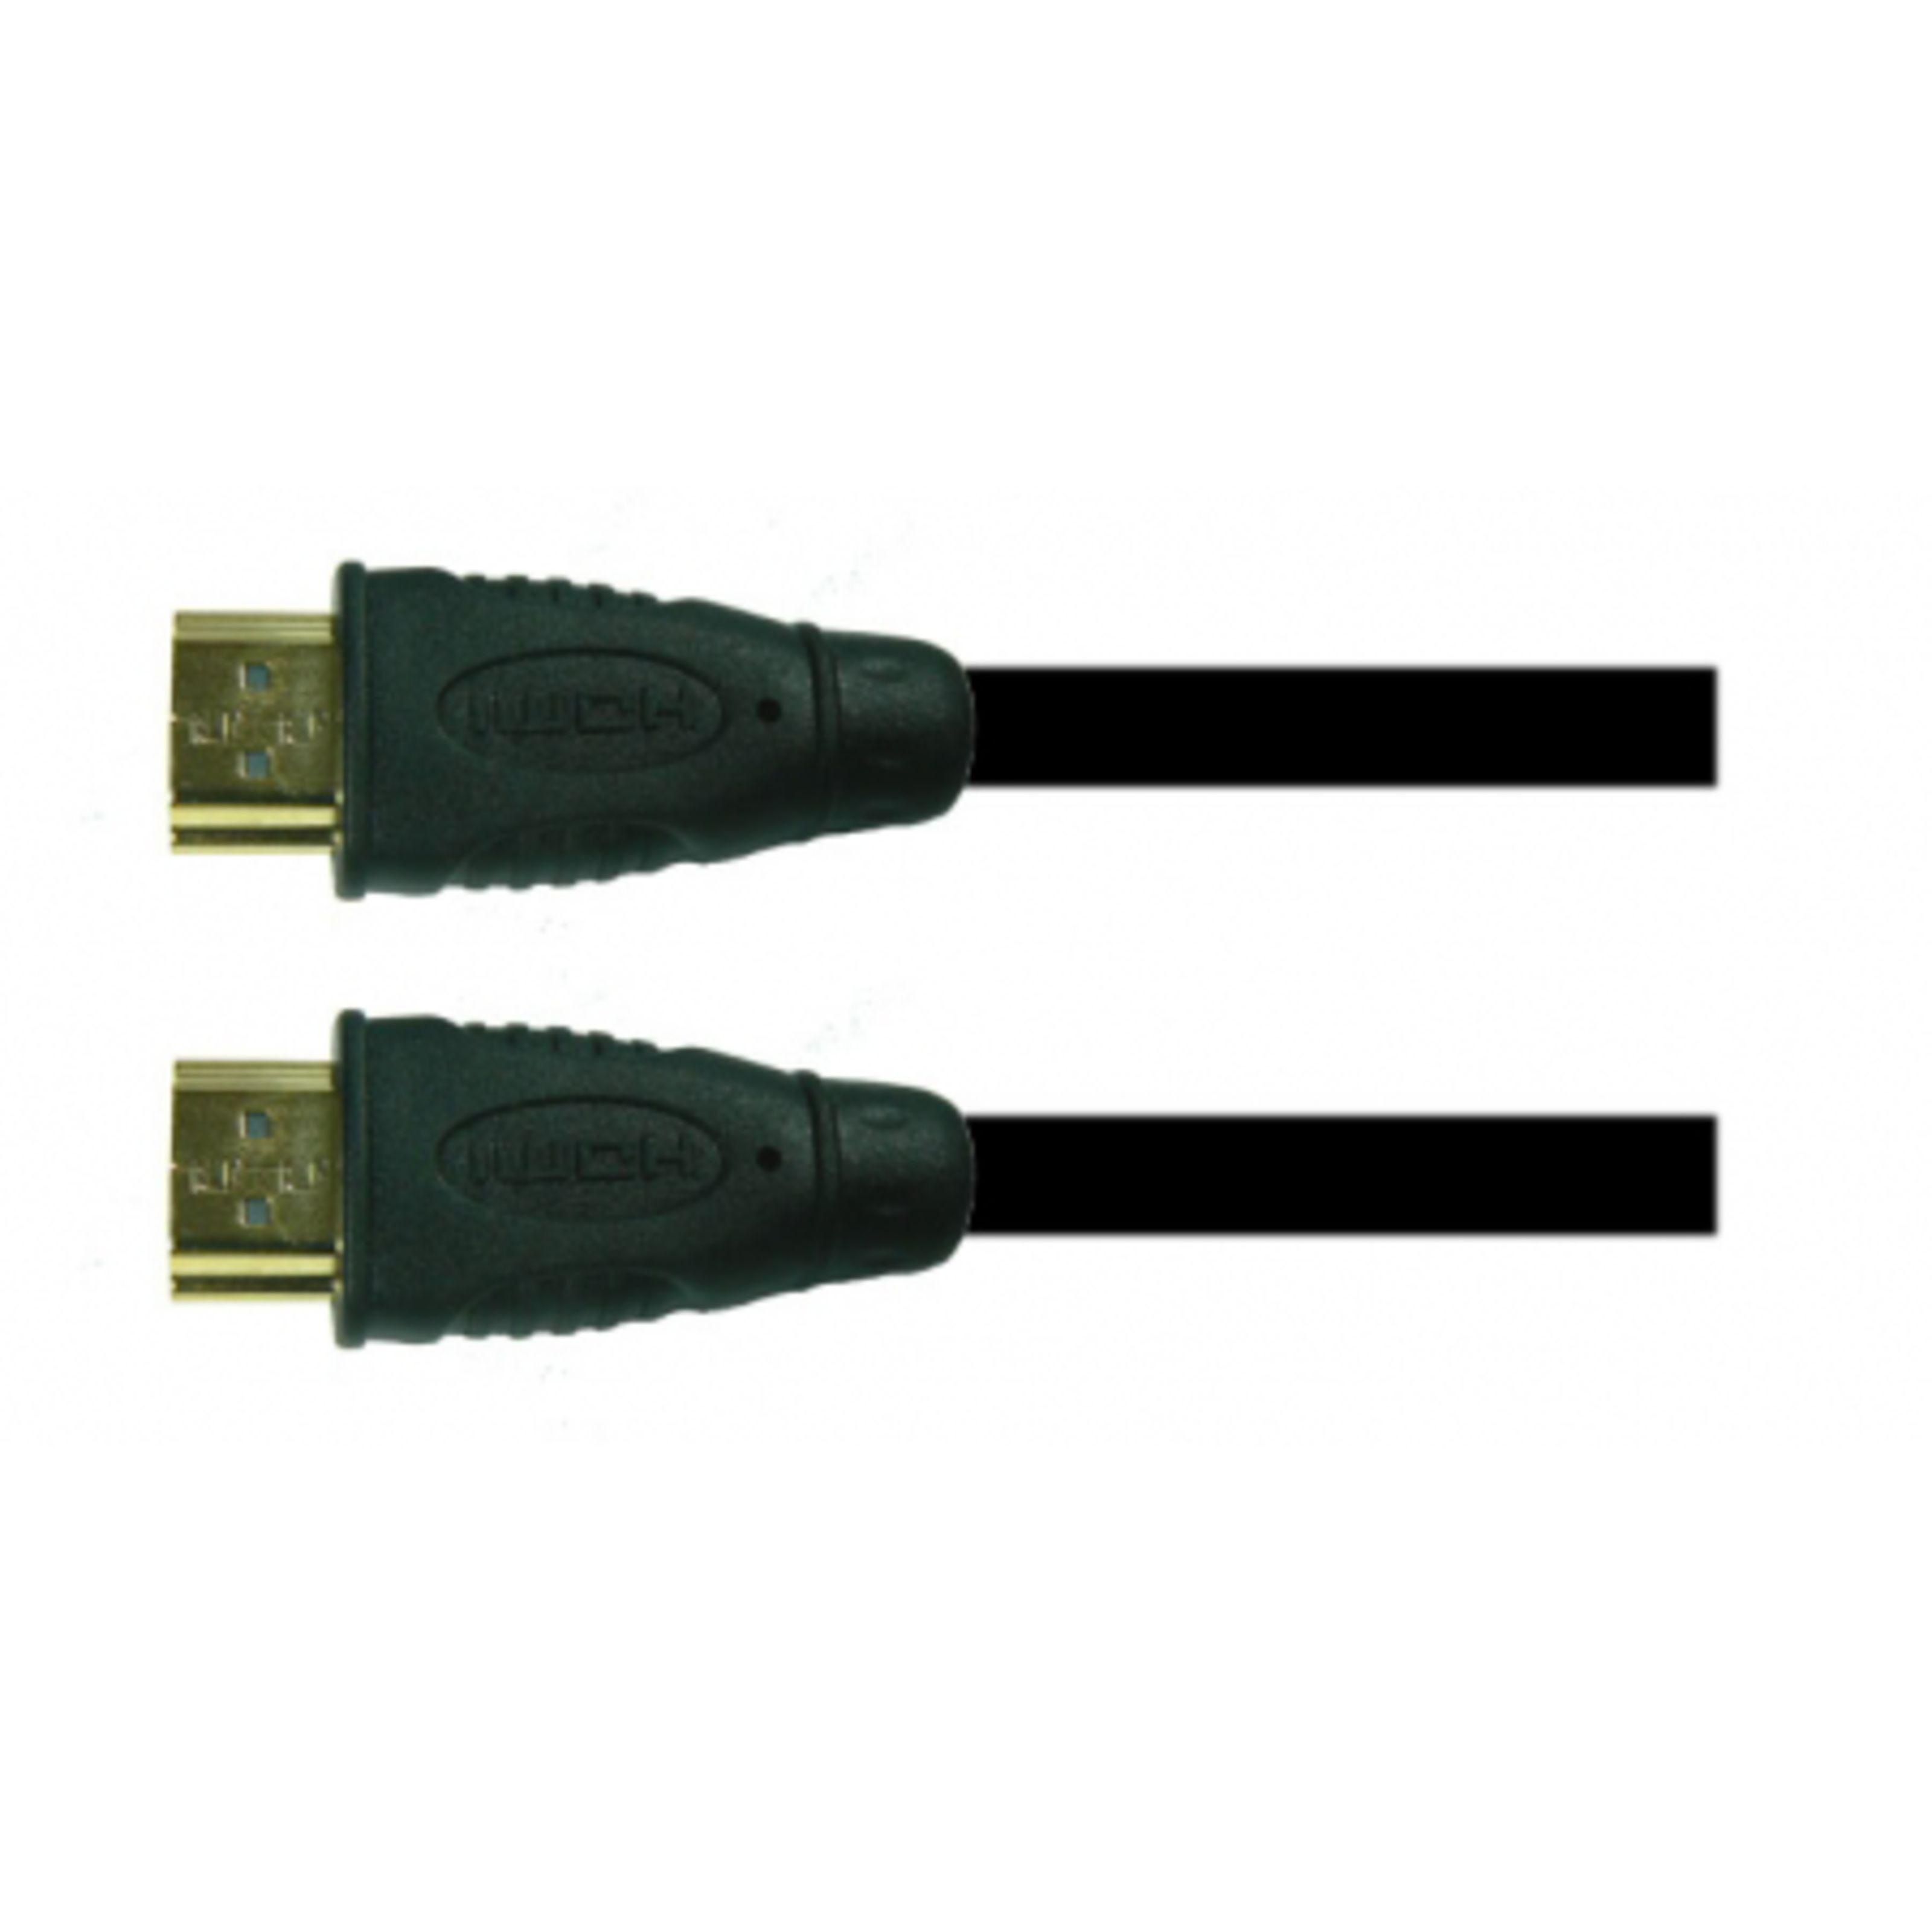 Schulzkabel - HDMI Kabel 1 m HDMI 1